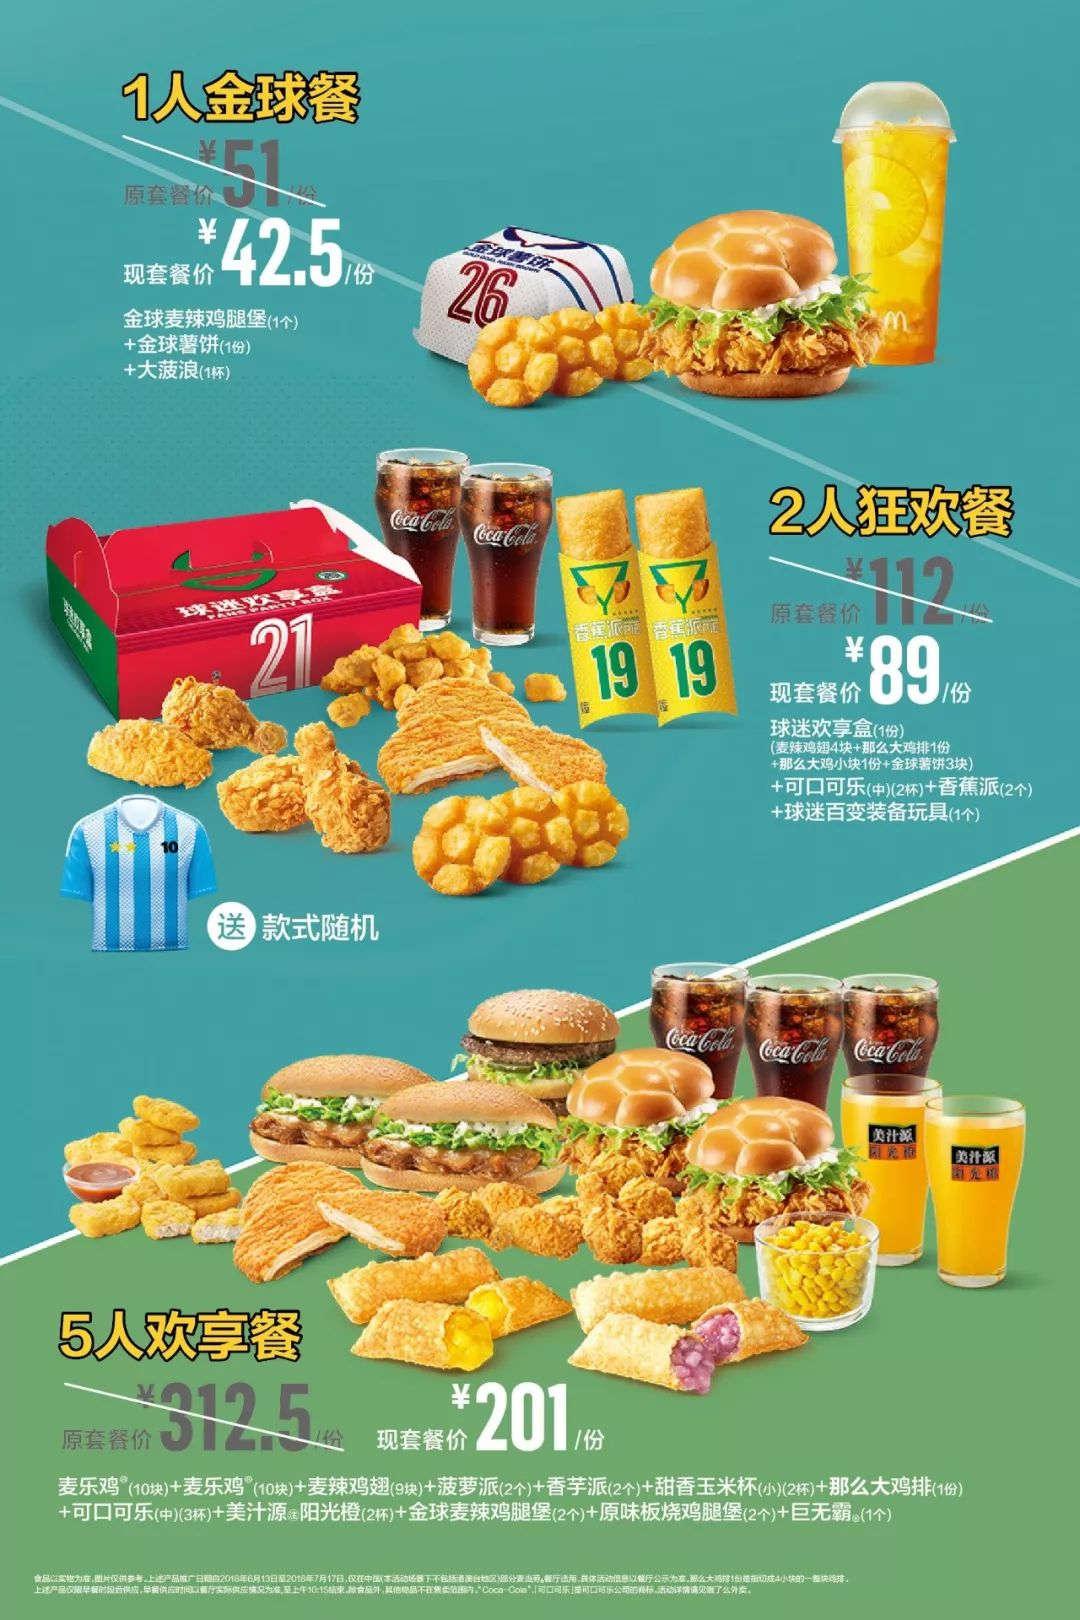 麦当劳世界杯套餐:1人金球餐42.5元、2人狂欢餐89元、5人欢享餐201元